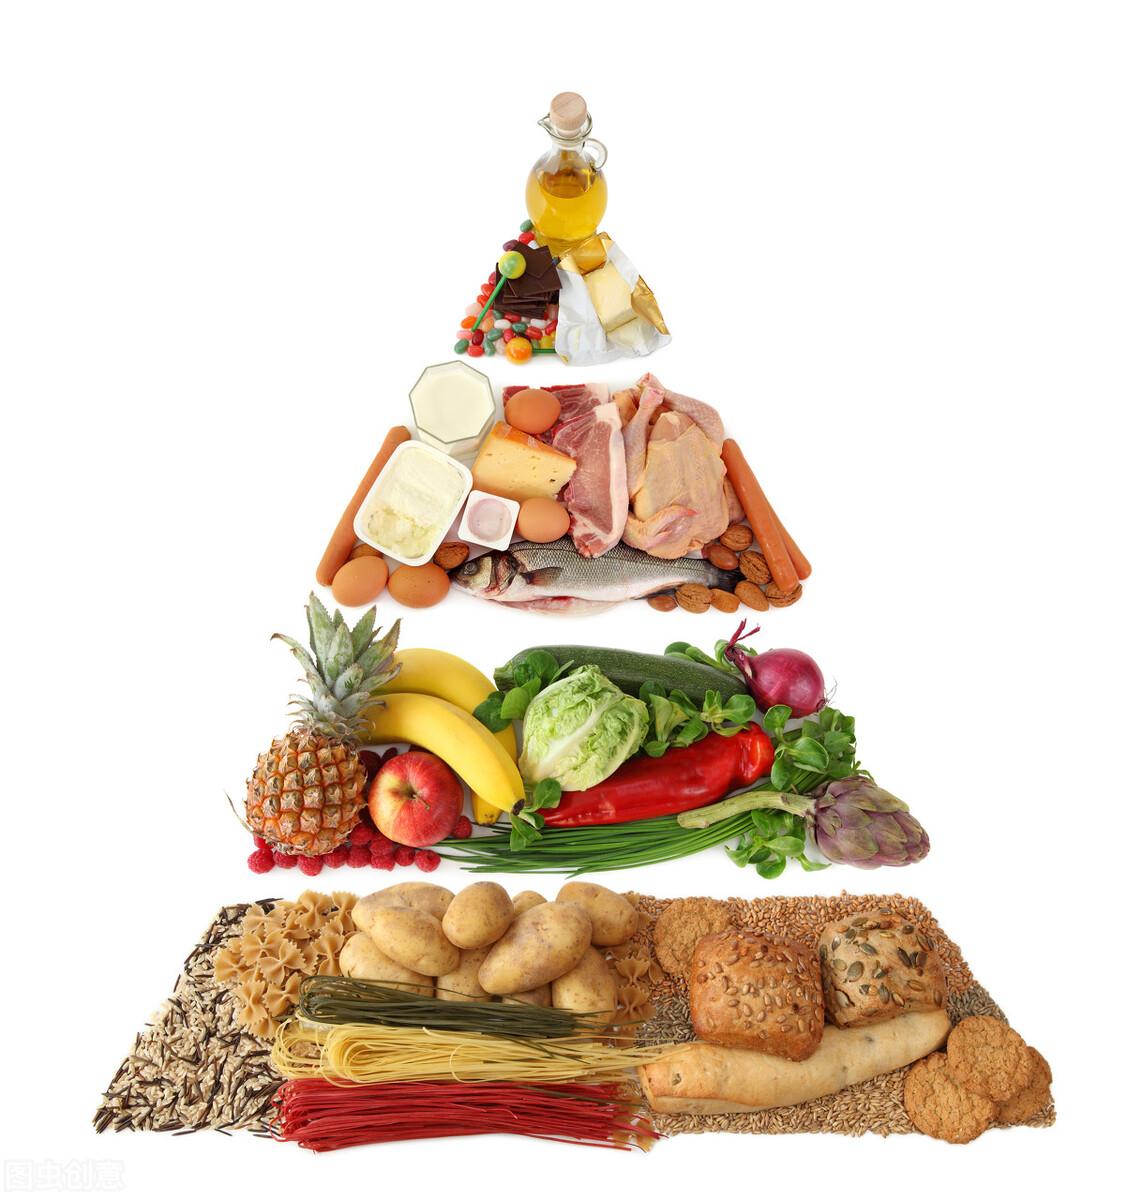 吃得越多壽命越短?吃得越少活得越久?哪種說法更靠譜?